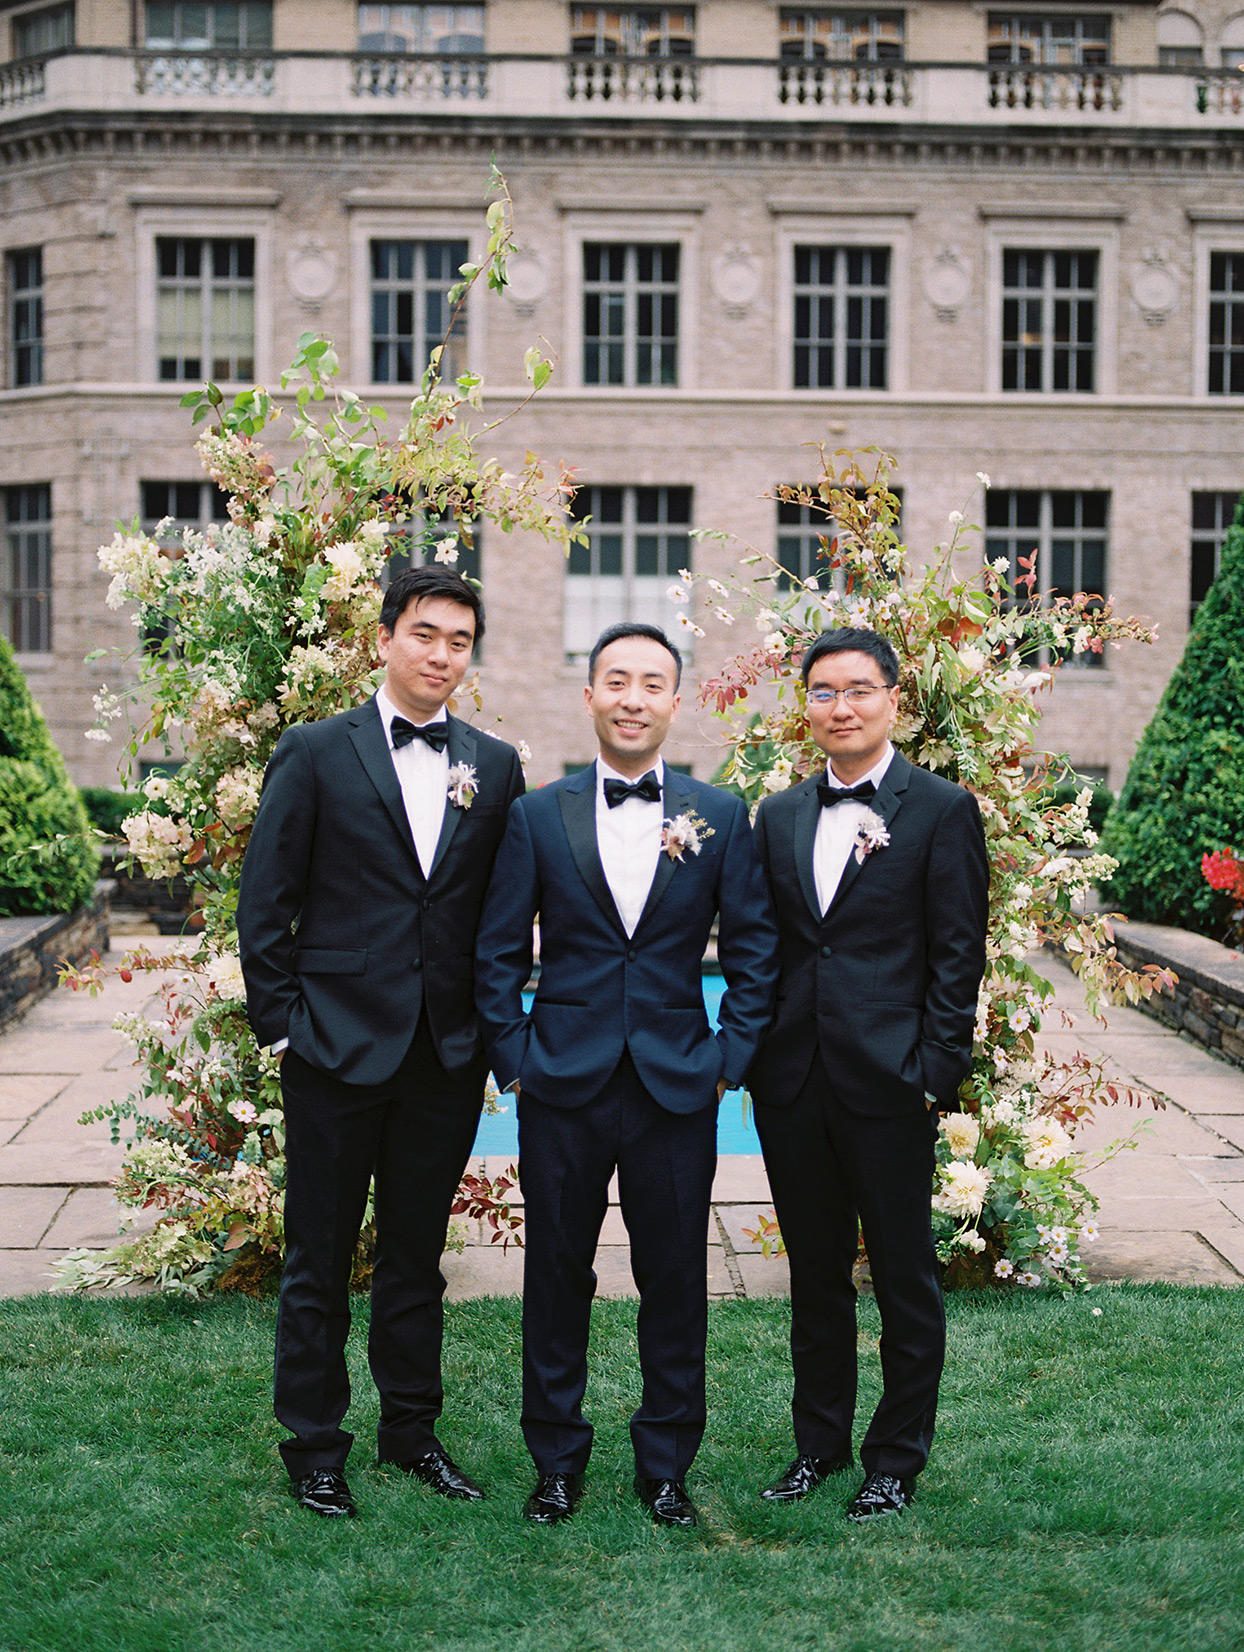 groom and groomsmen on rooftop